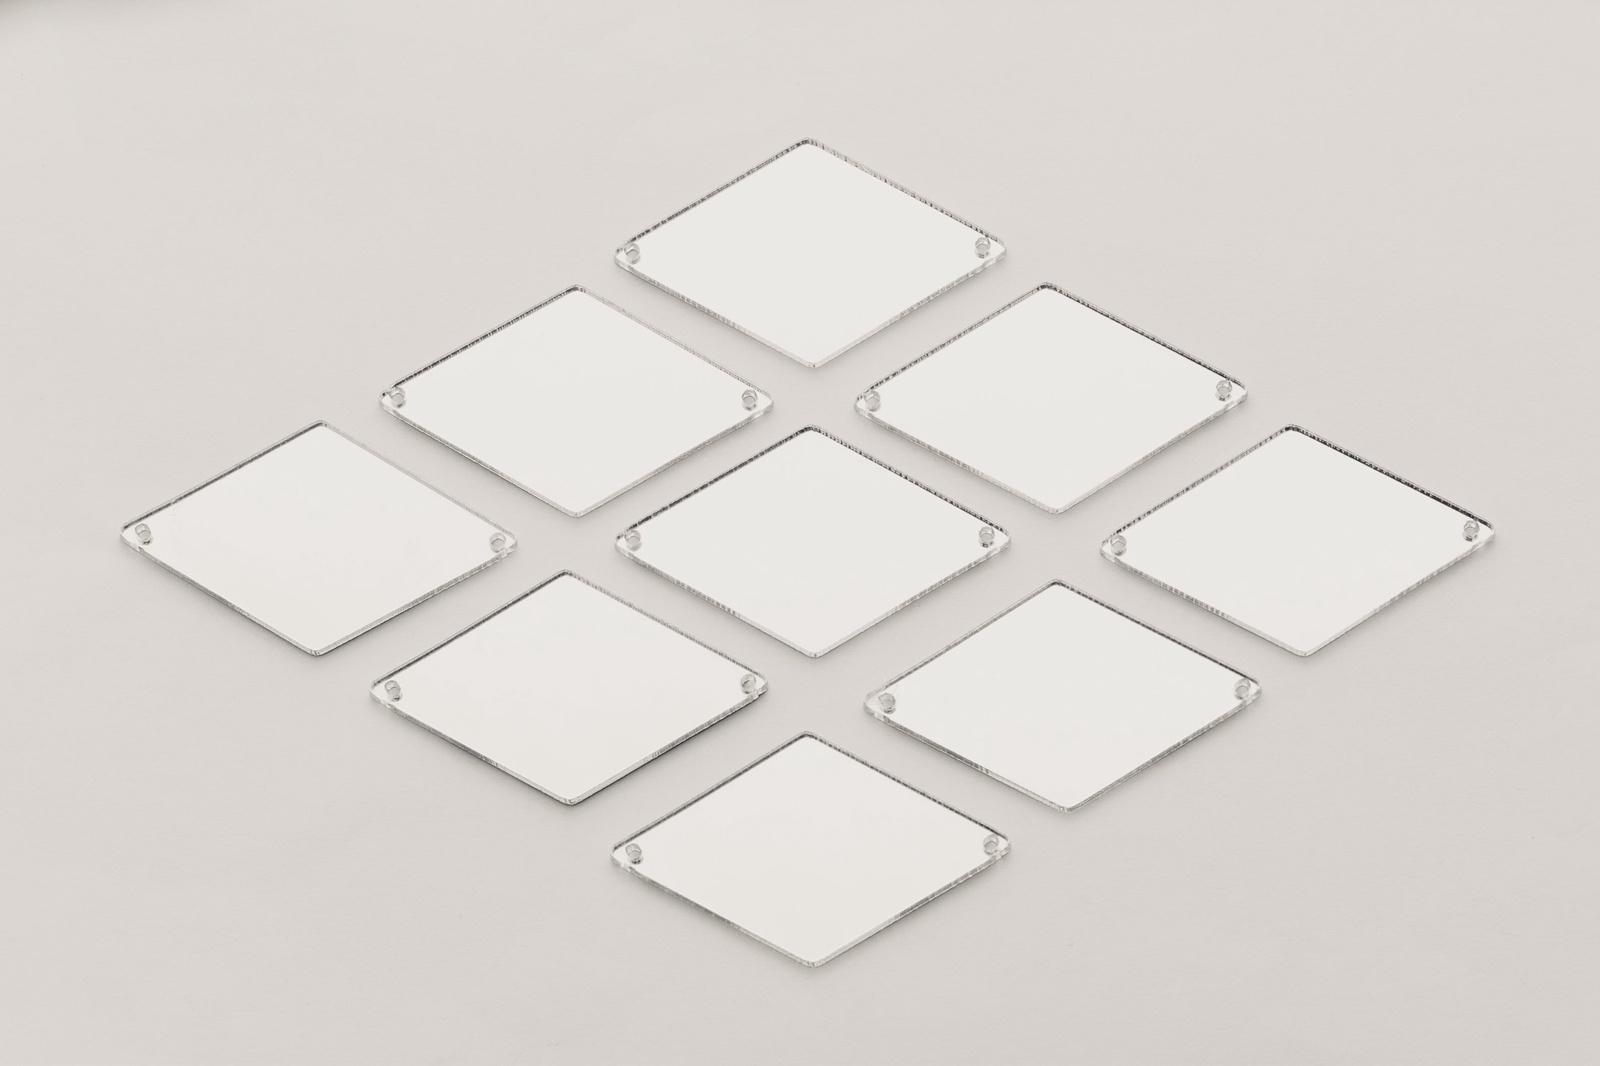 CASP Lase РОМБ4326 Комплект акриловых пришивных зеркал/страз  43х26